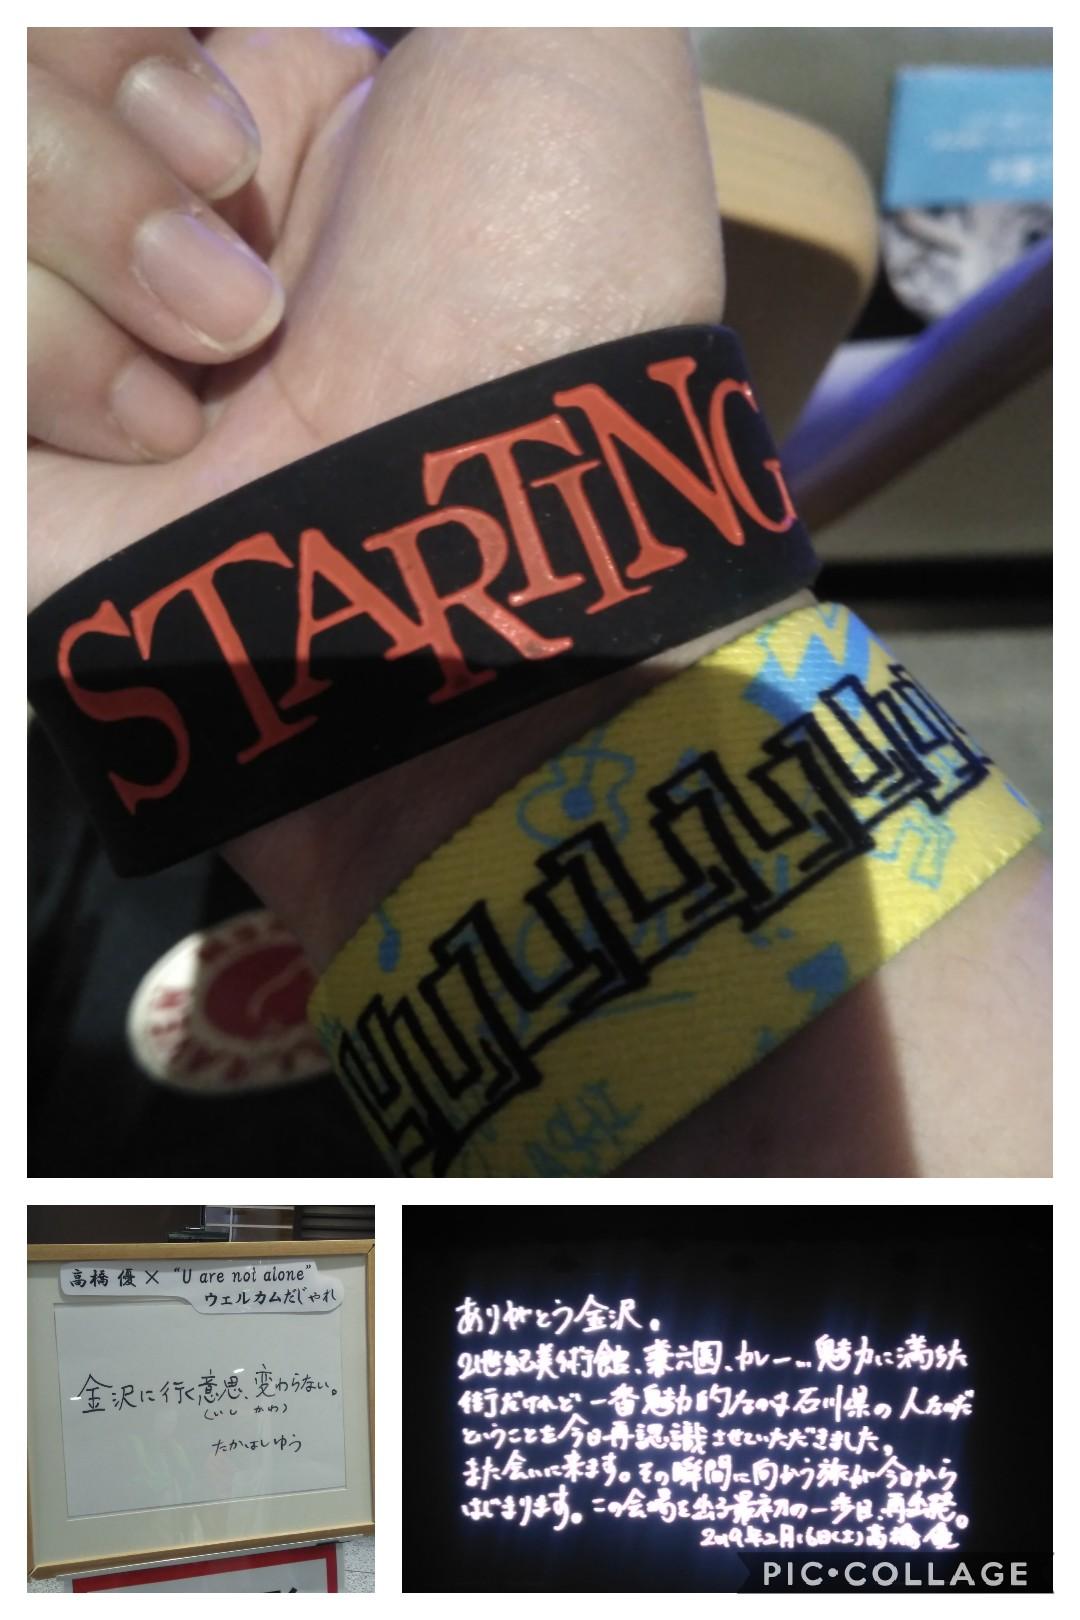 https://n-ko.jp/staffblog/Collage%202019-02-23%2011_43_56.jpg